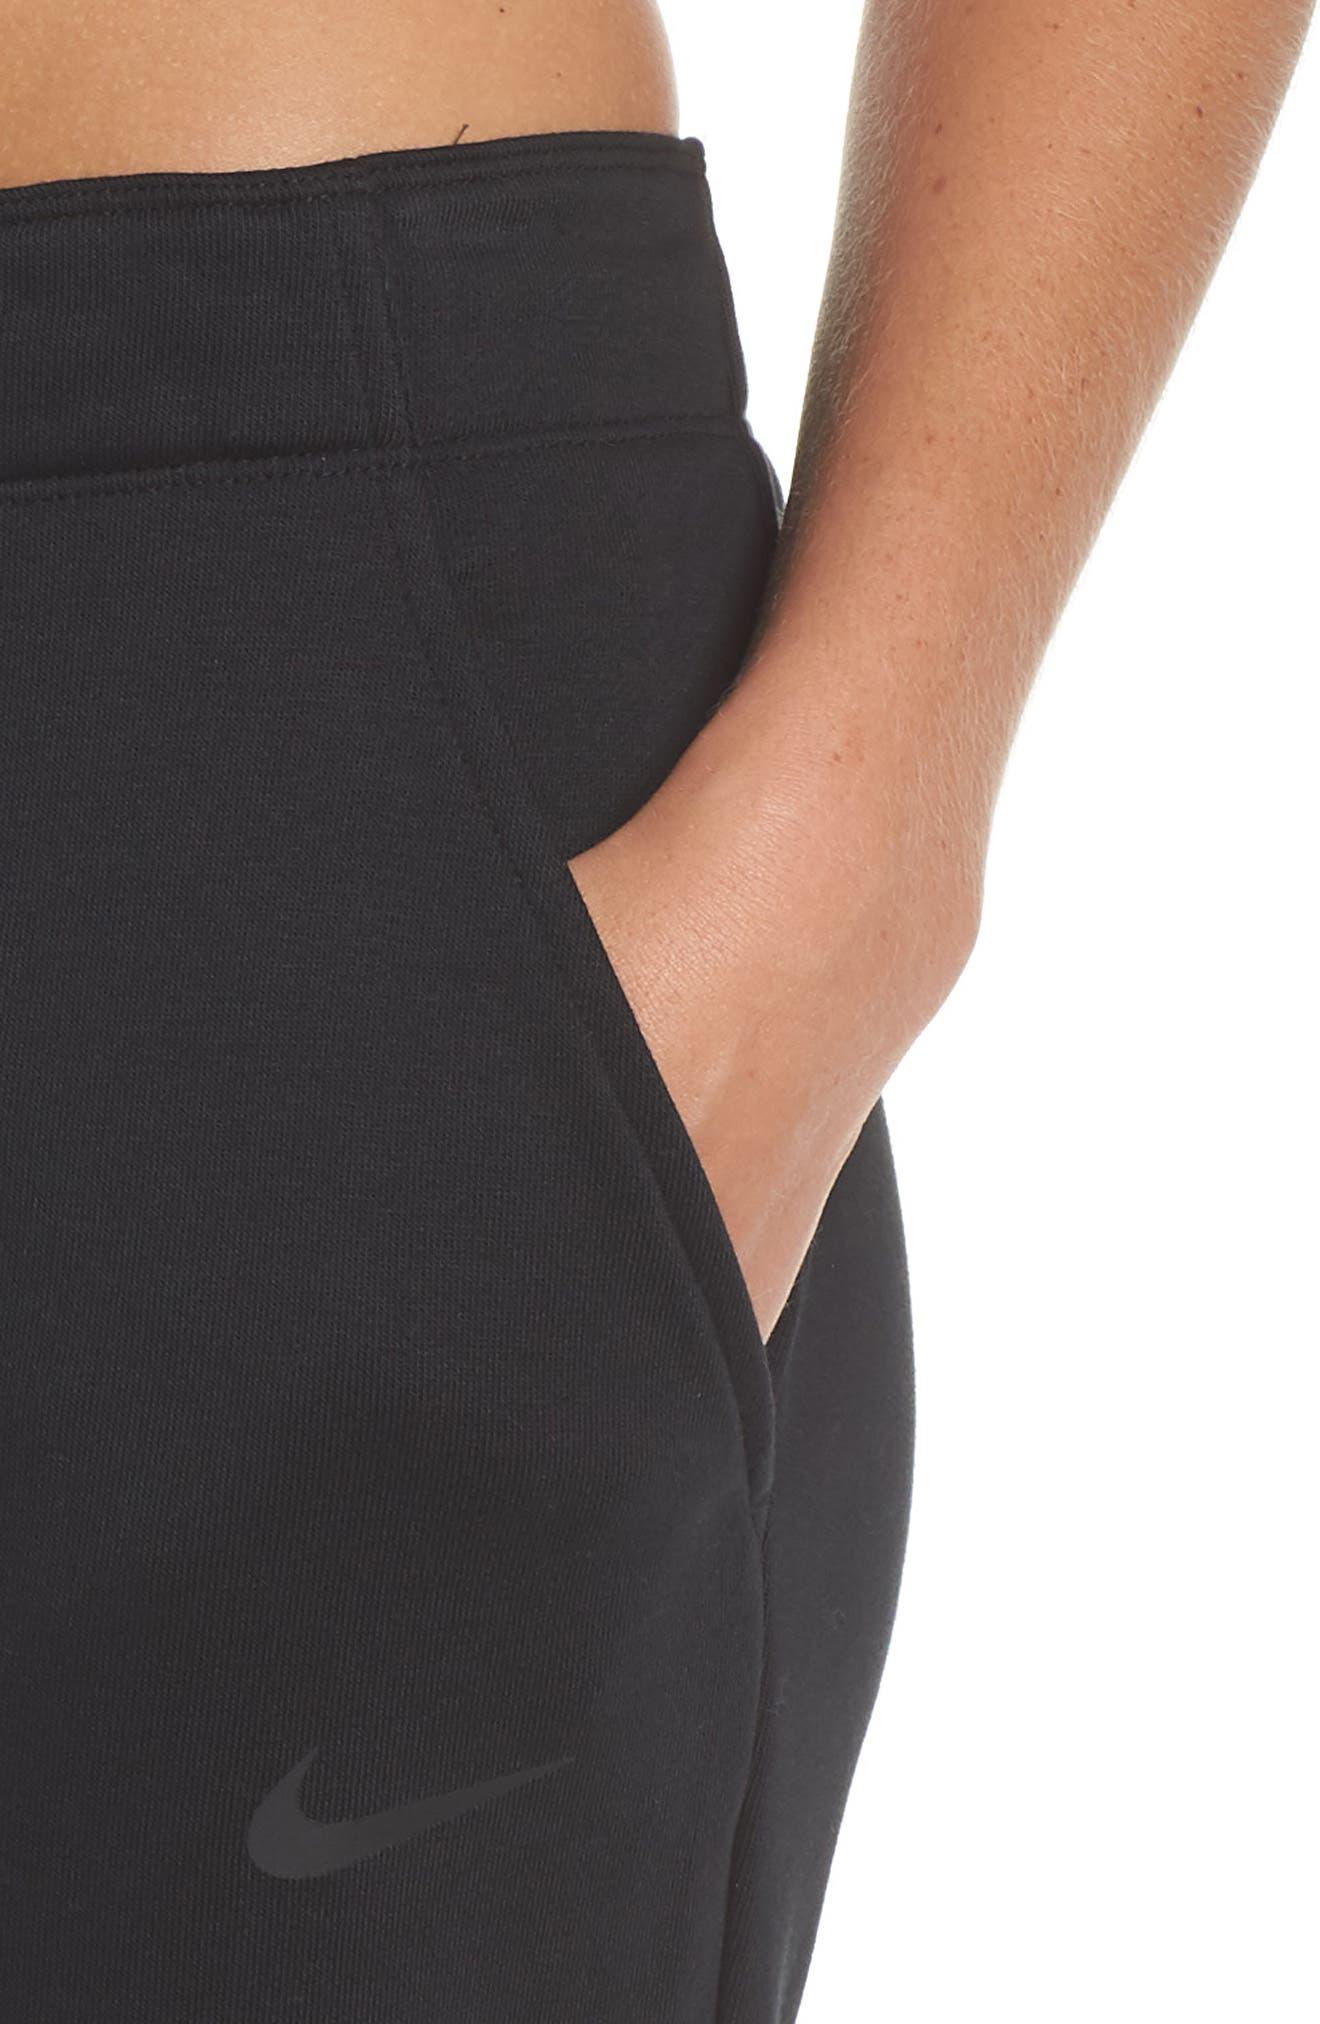 Tapered Training Pants,                             Alternate thumbnail 4, color,                             BLACK/ BLACK